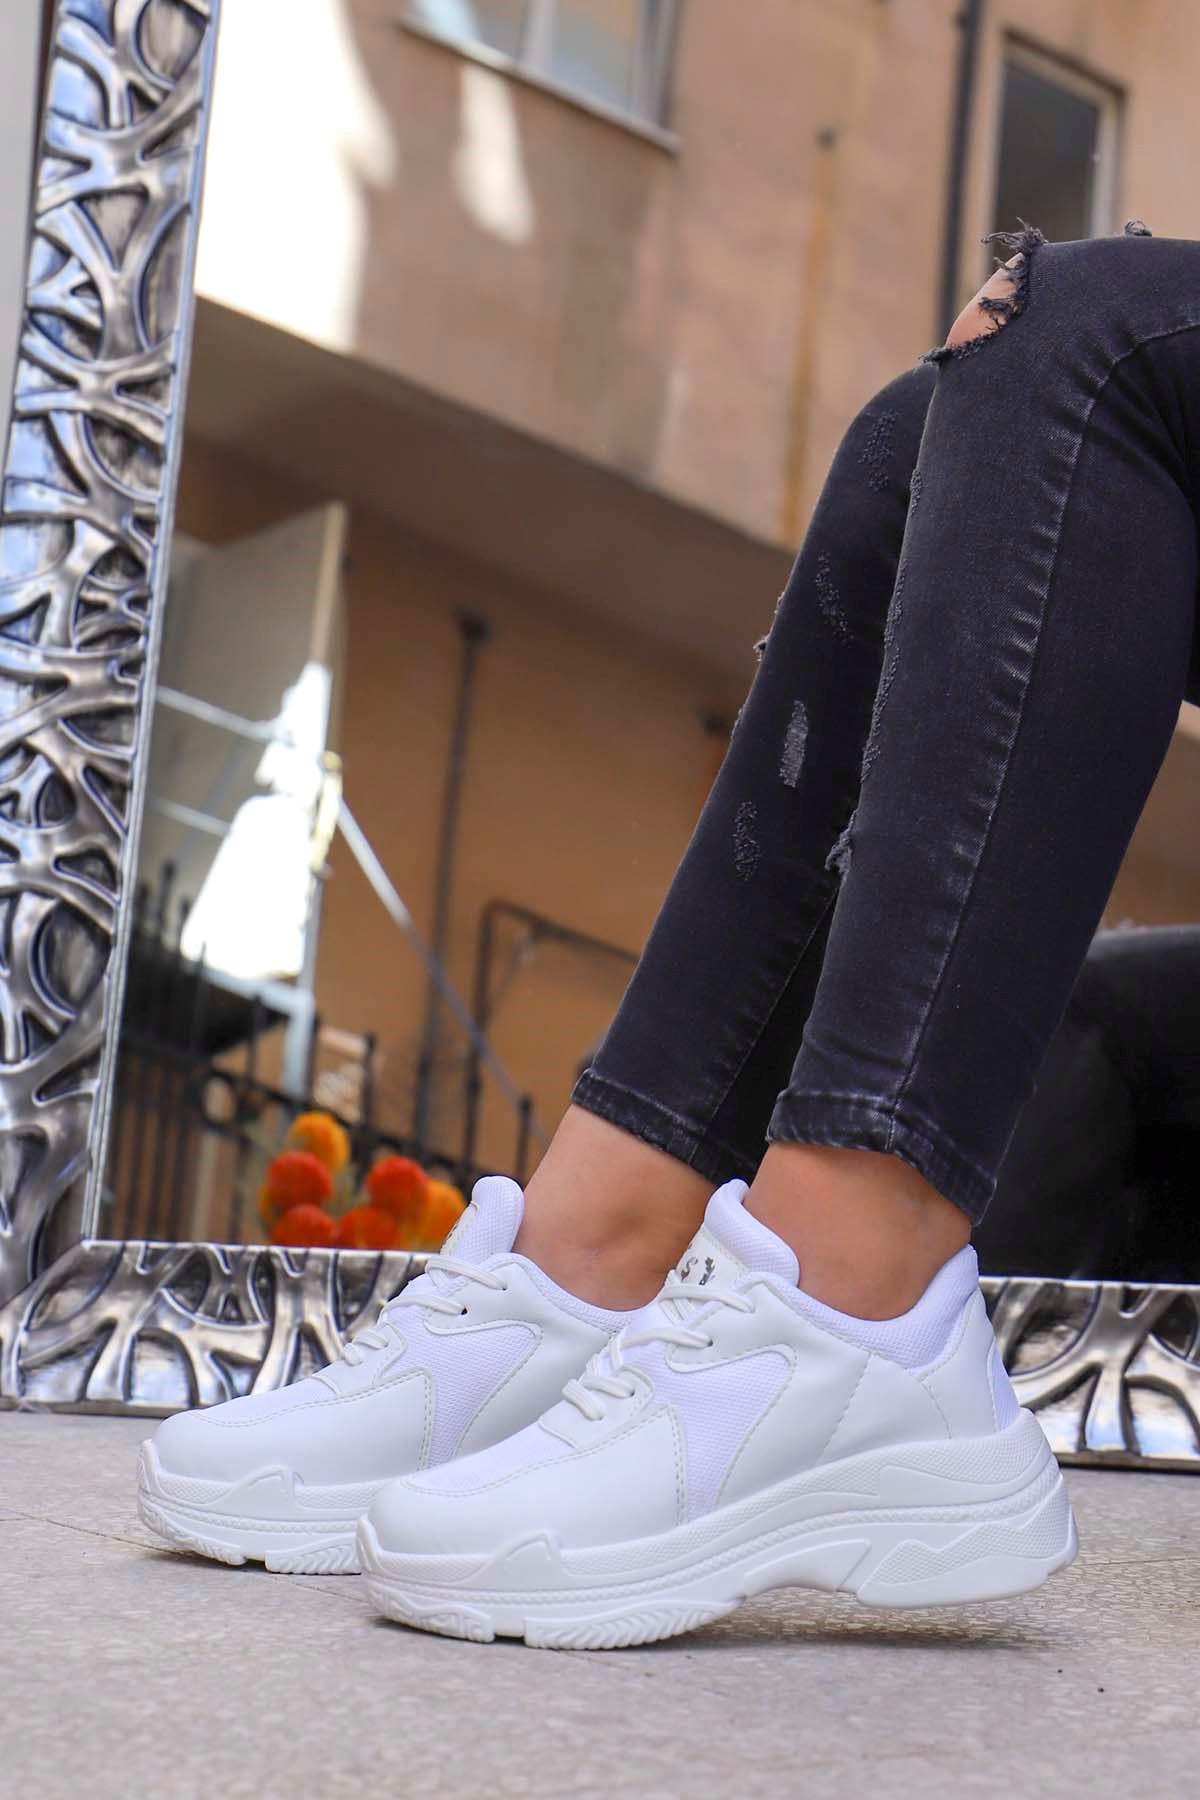 Snz-701 Tabanlı Spor Ayakkabı Beyaz Anorak